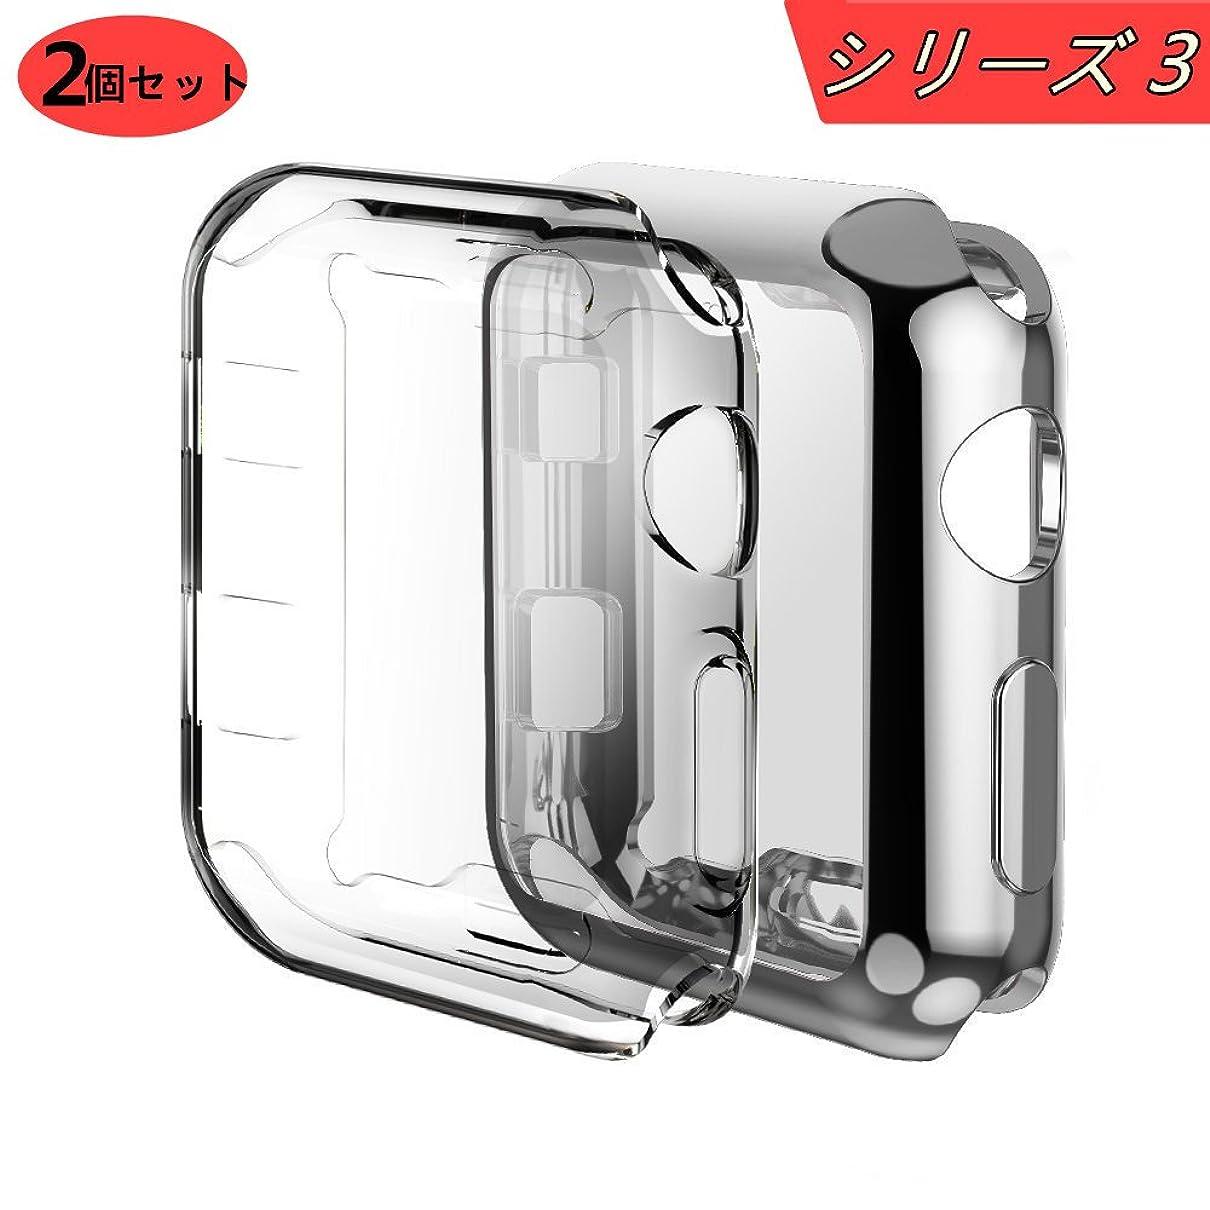 印象的なエステートロードハウスApple Watch ケース, Smilelane のメッキTPUスクラッチ耐性のあるフレキシブルケースアップルウォッチシリーズ3 38mm (1 シルバー + 1 クリア)